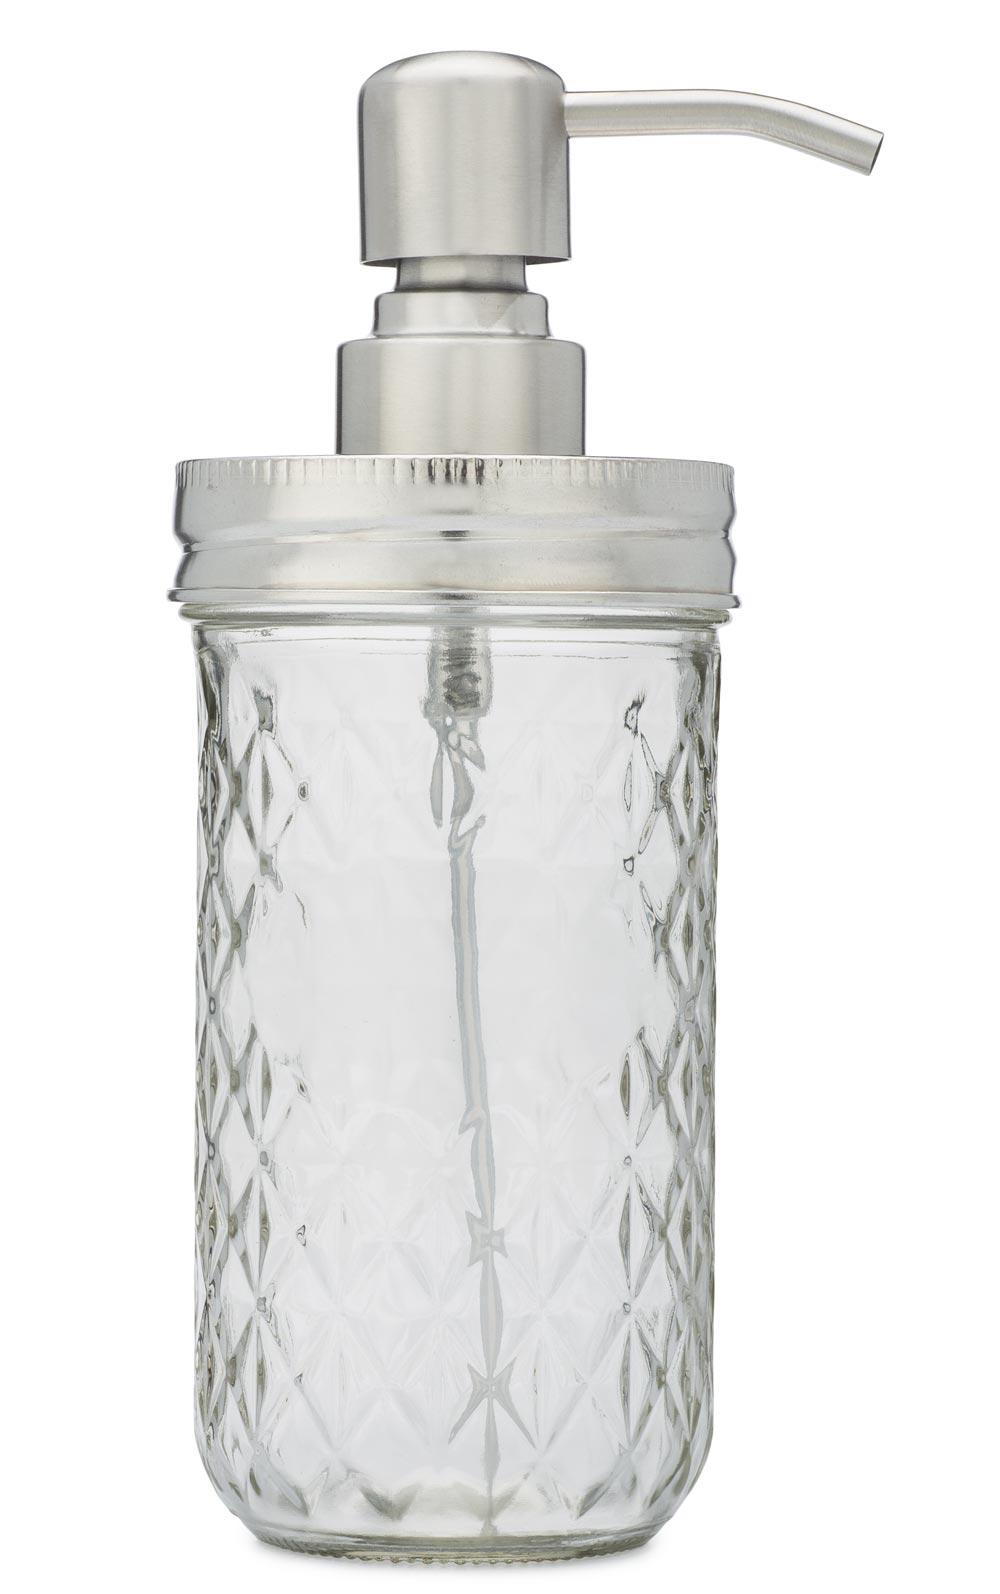 Mason Jar Foaming Soap Dispenser In Stainless Steel Side View